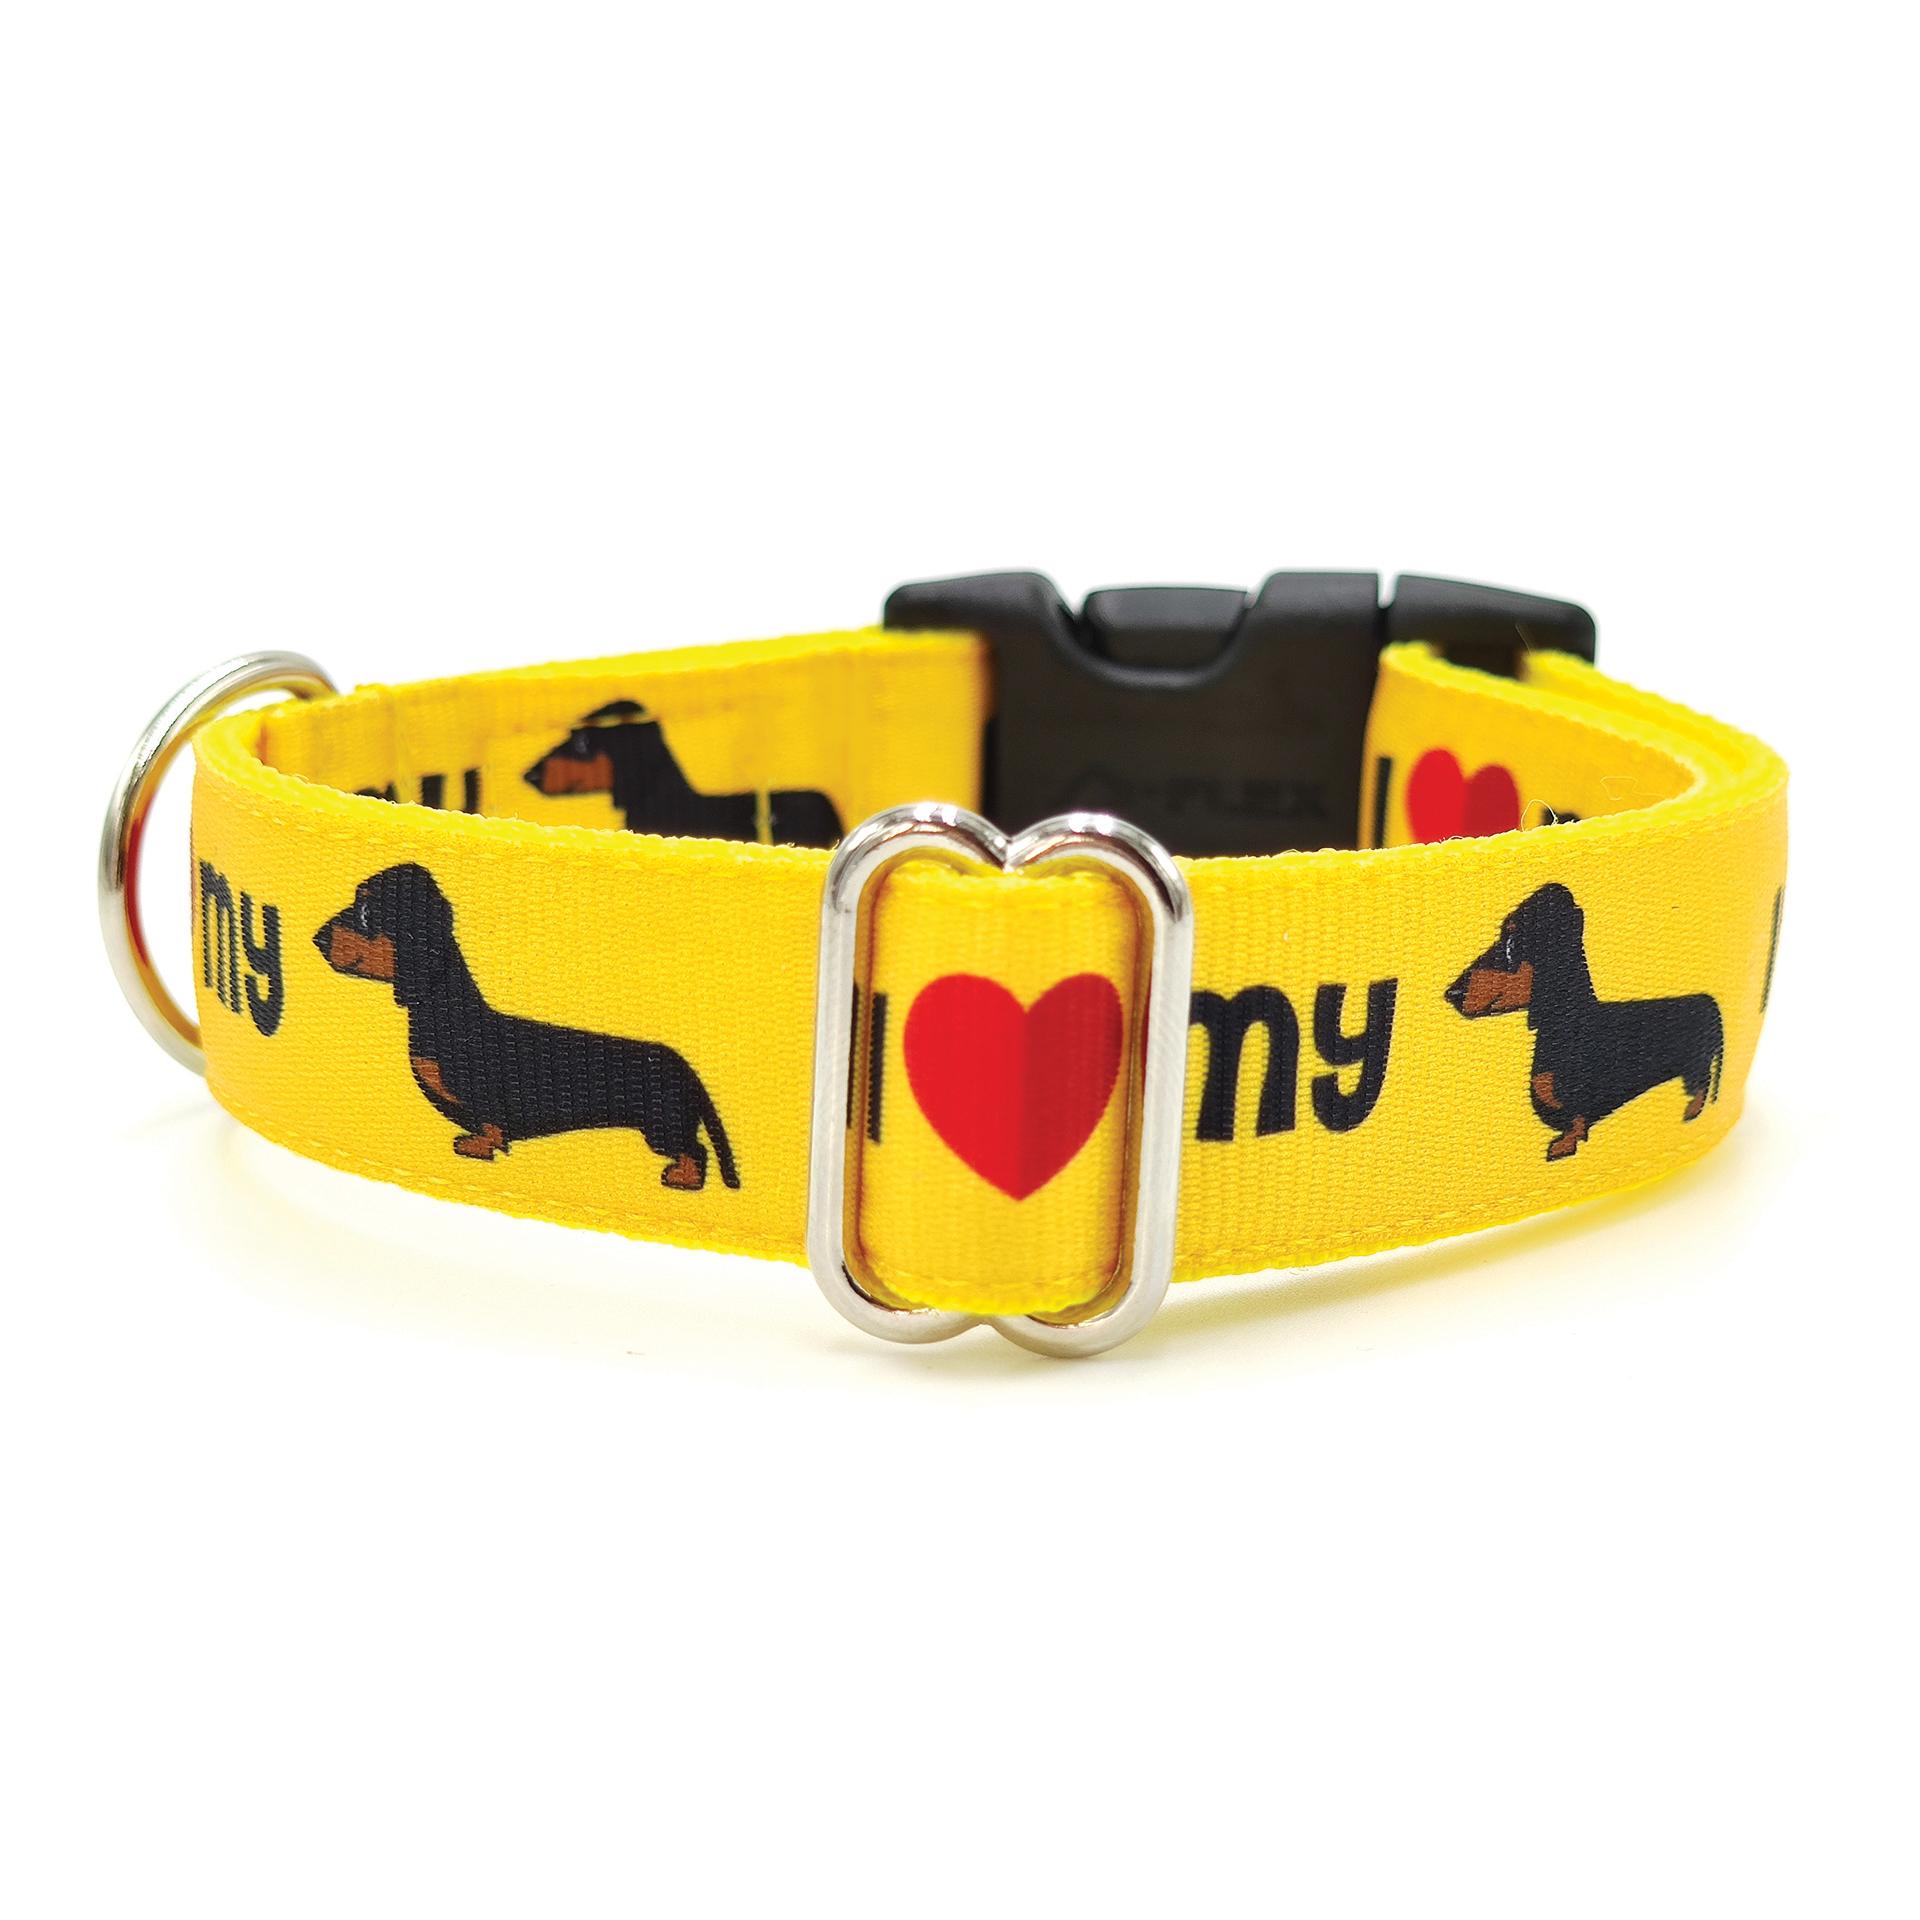 Dachshund yellow dog collar